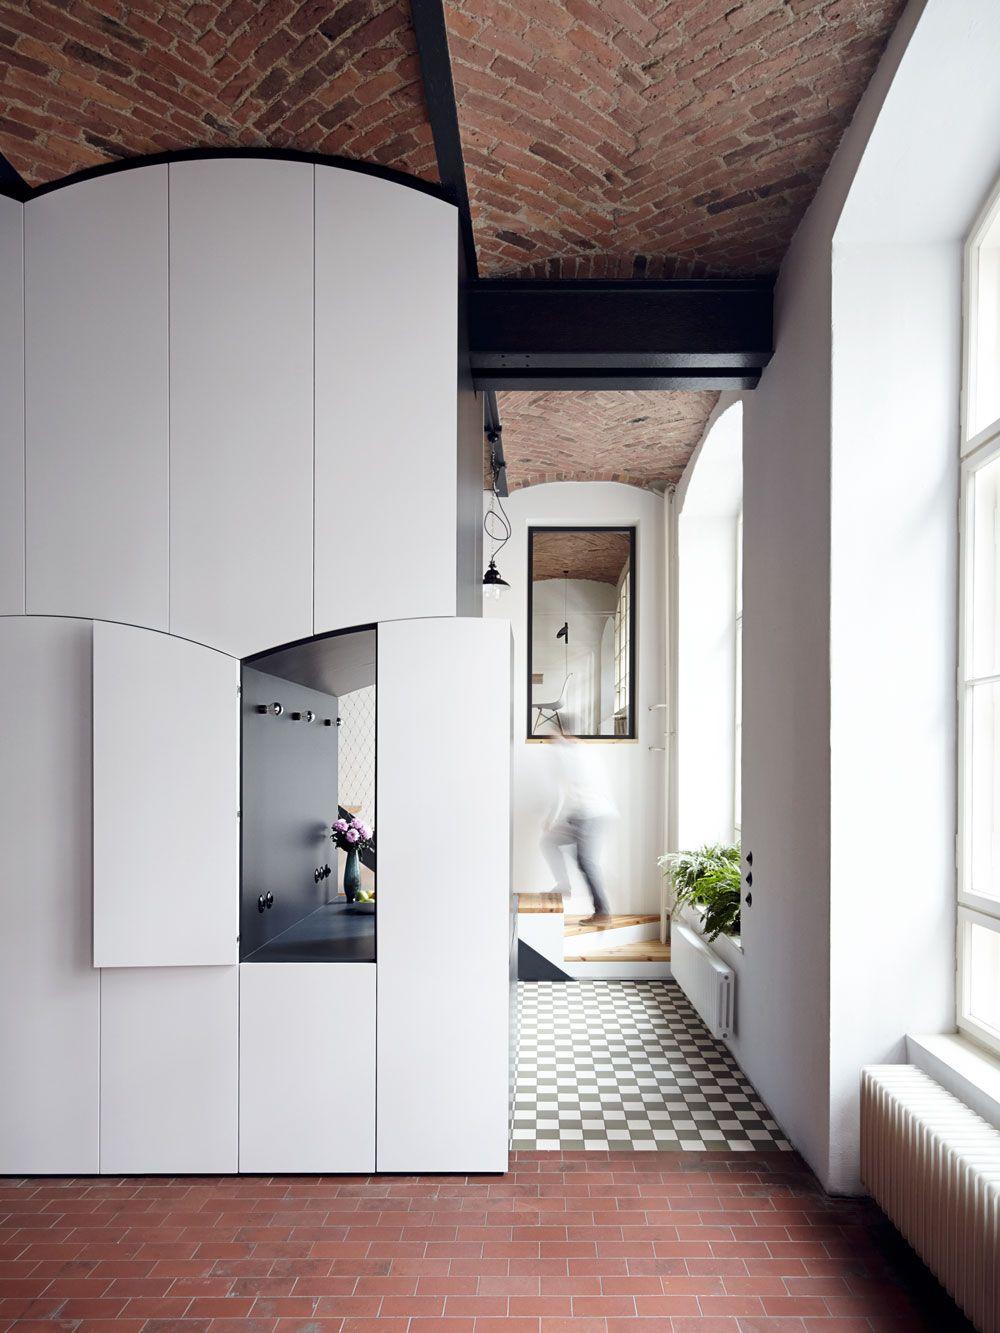 IFUB * Büro Sauspiel * Büroräume * Sanierung und Umbau | Archtektur ...